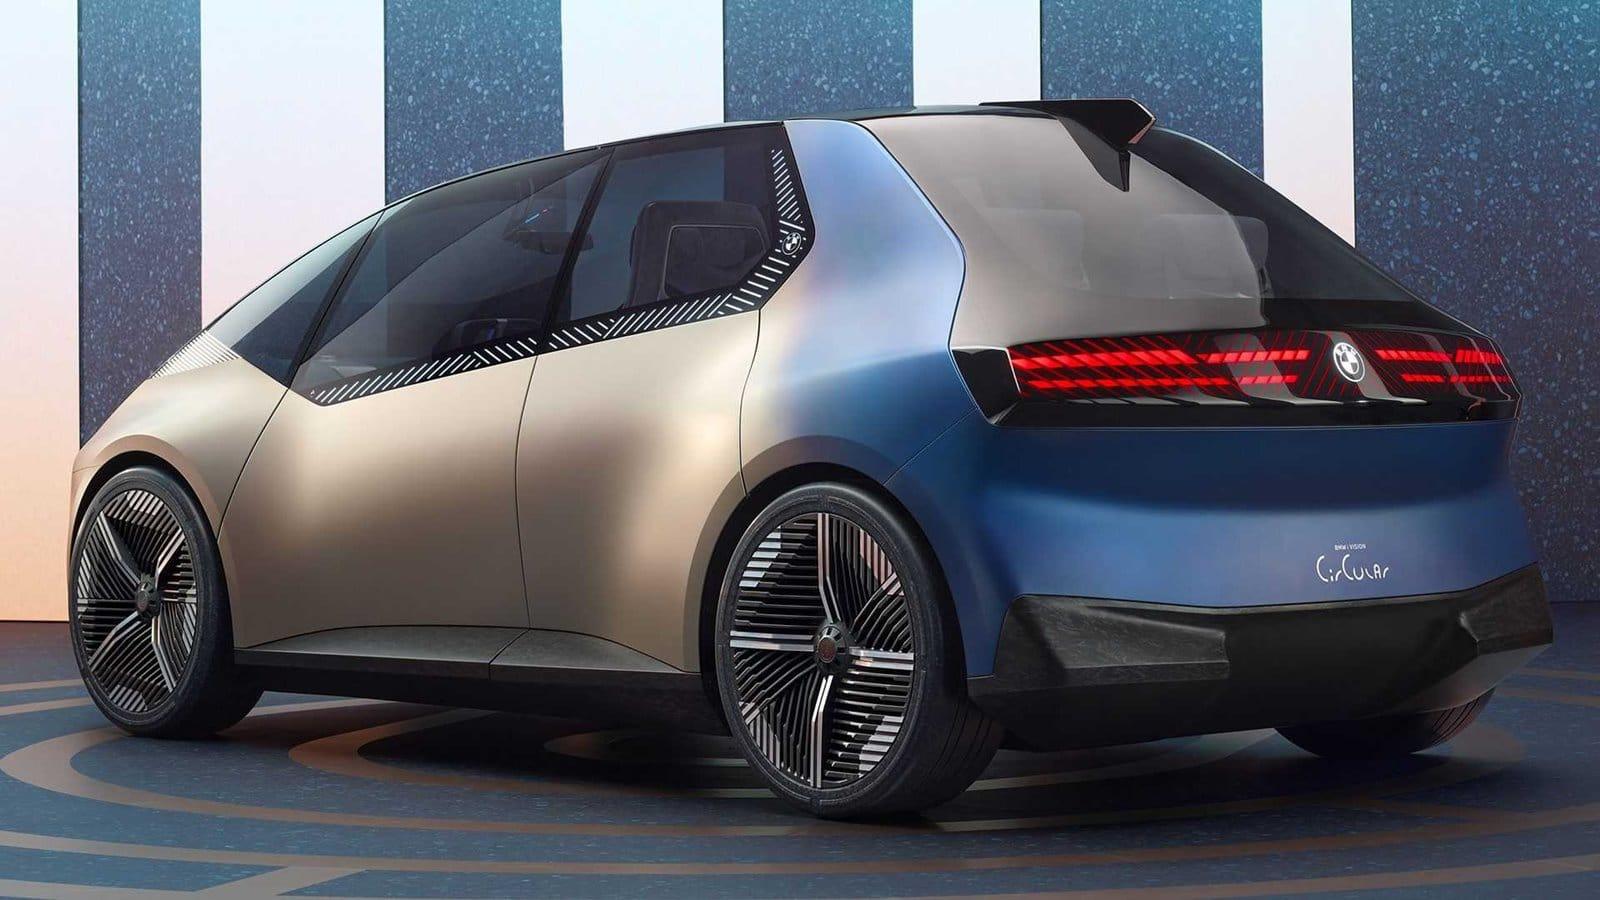 Particular diseño para el BMW i Vision Circular Concept